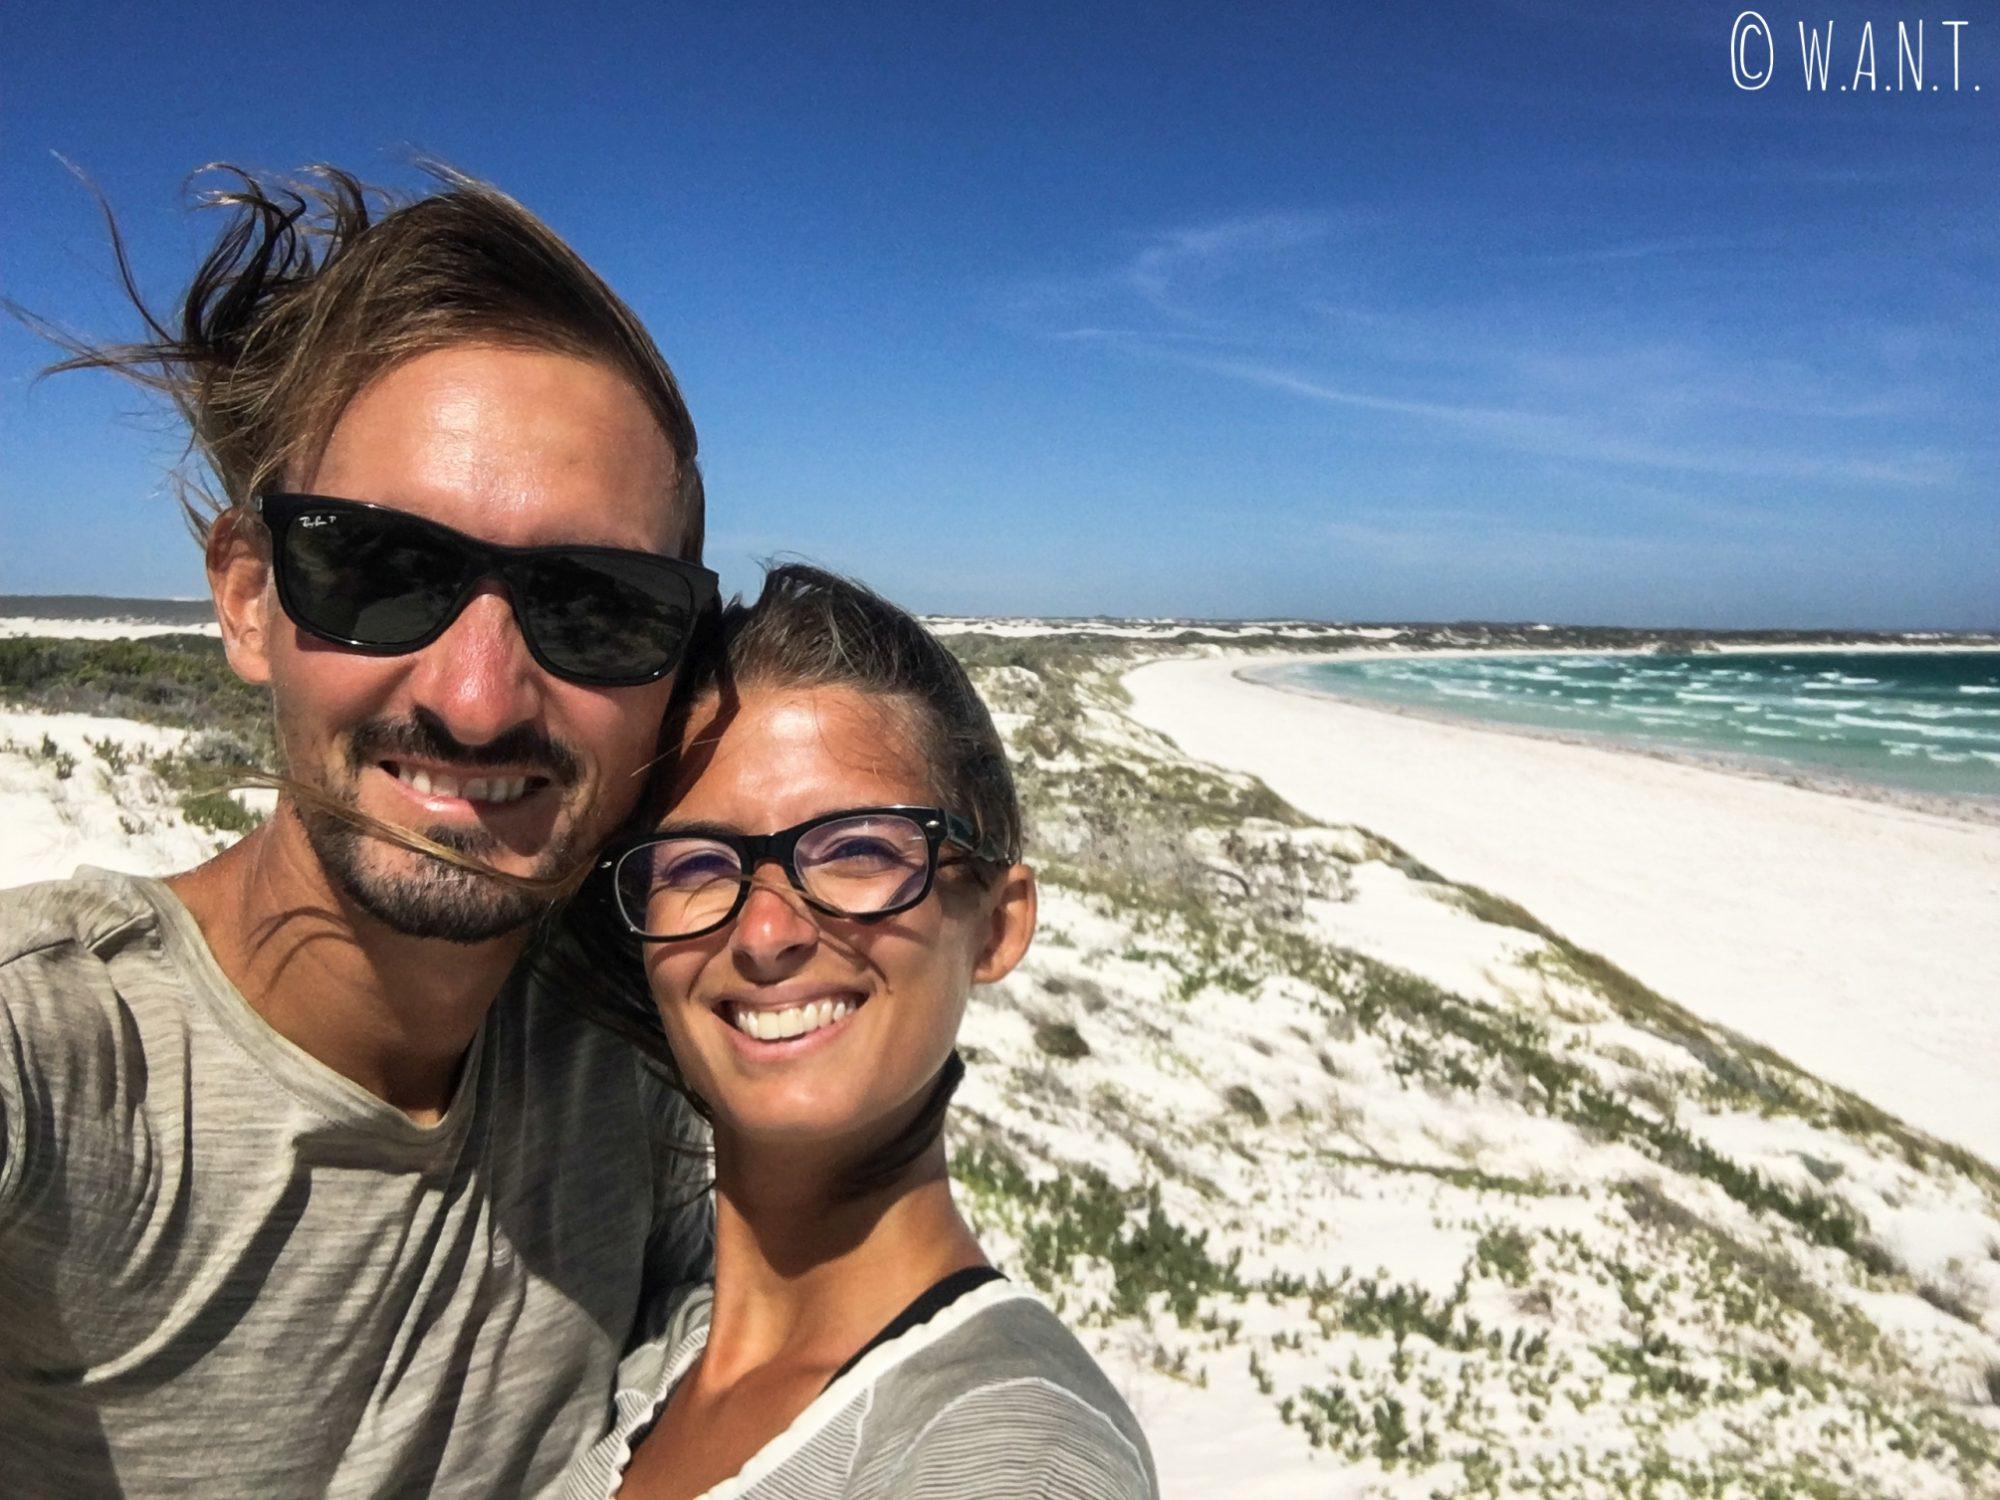 Selfie sur Wedge Island au nord de Perth